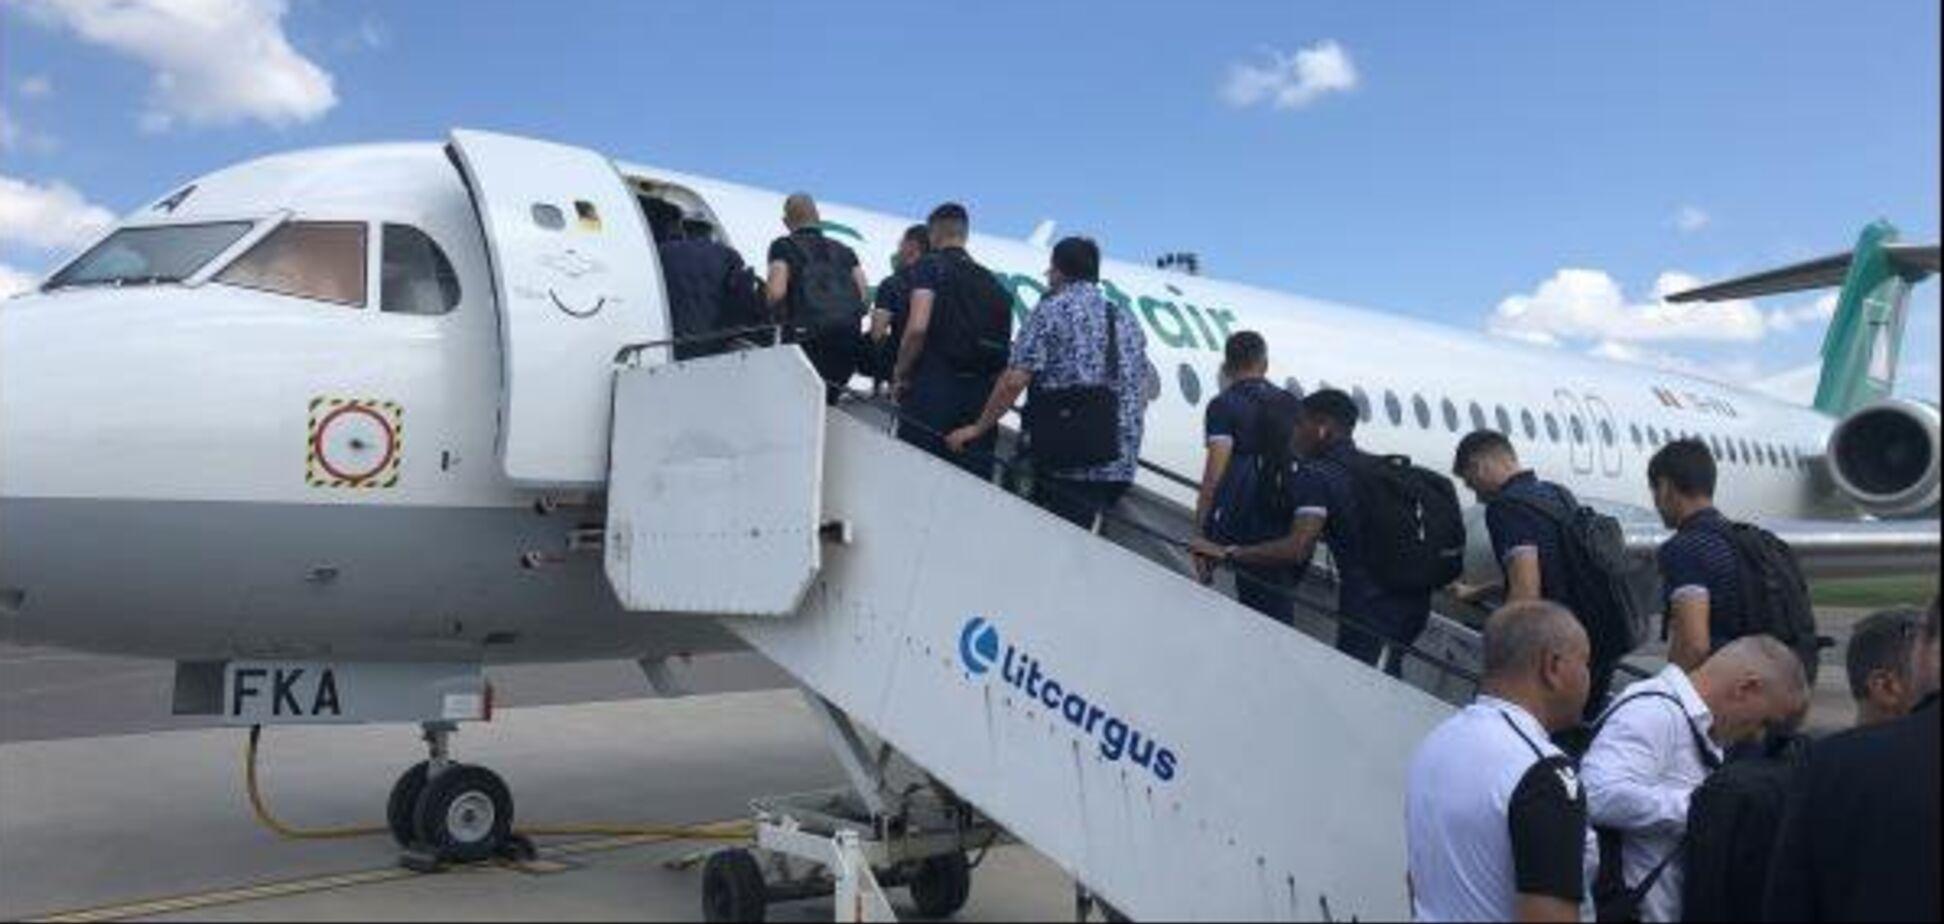 Футболисты Люксембурга отказывались вылетать во Львов: названа причина